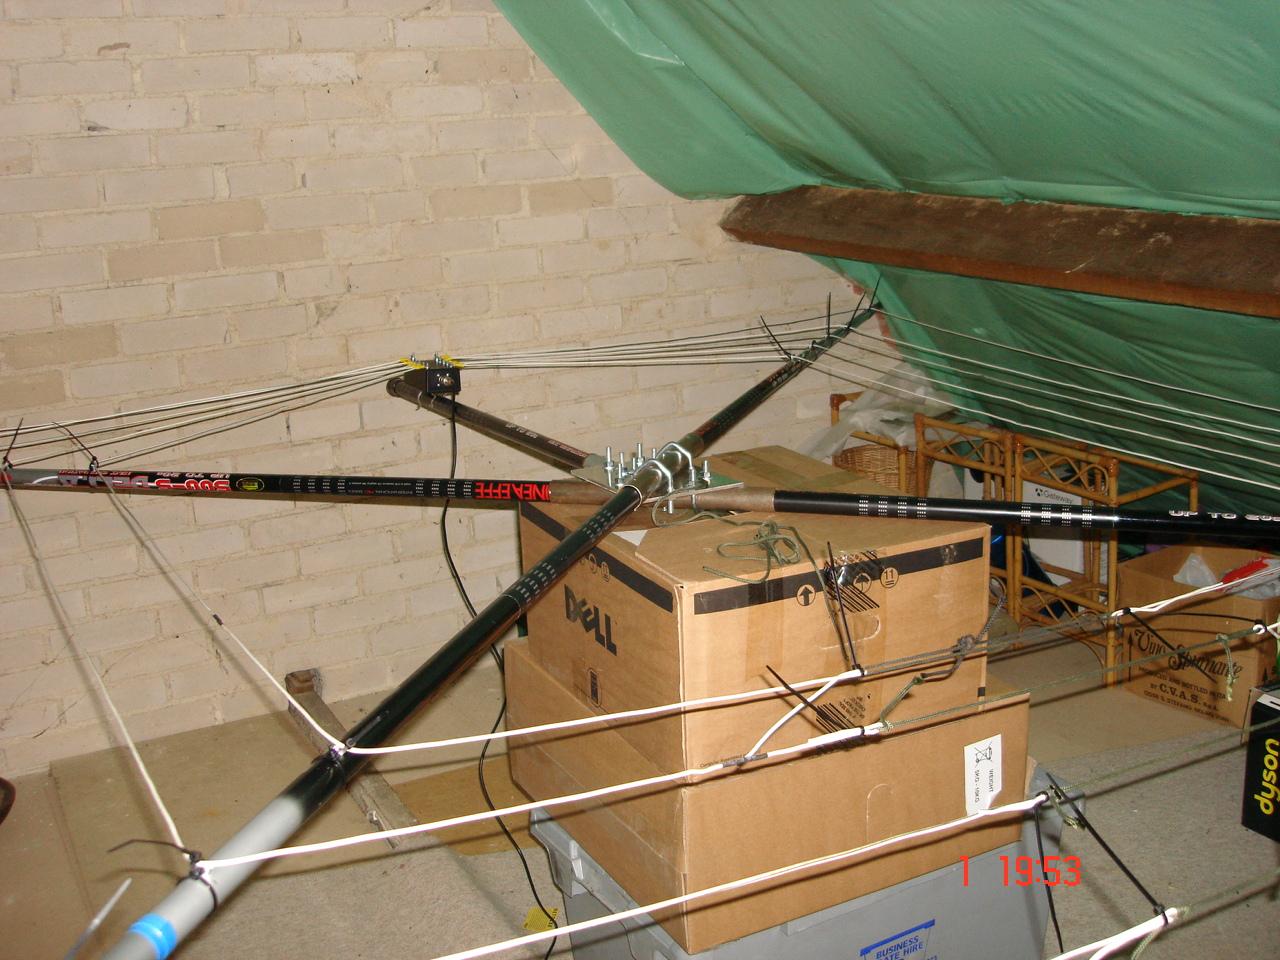 The Morse Sagas Cobweb Antennas